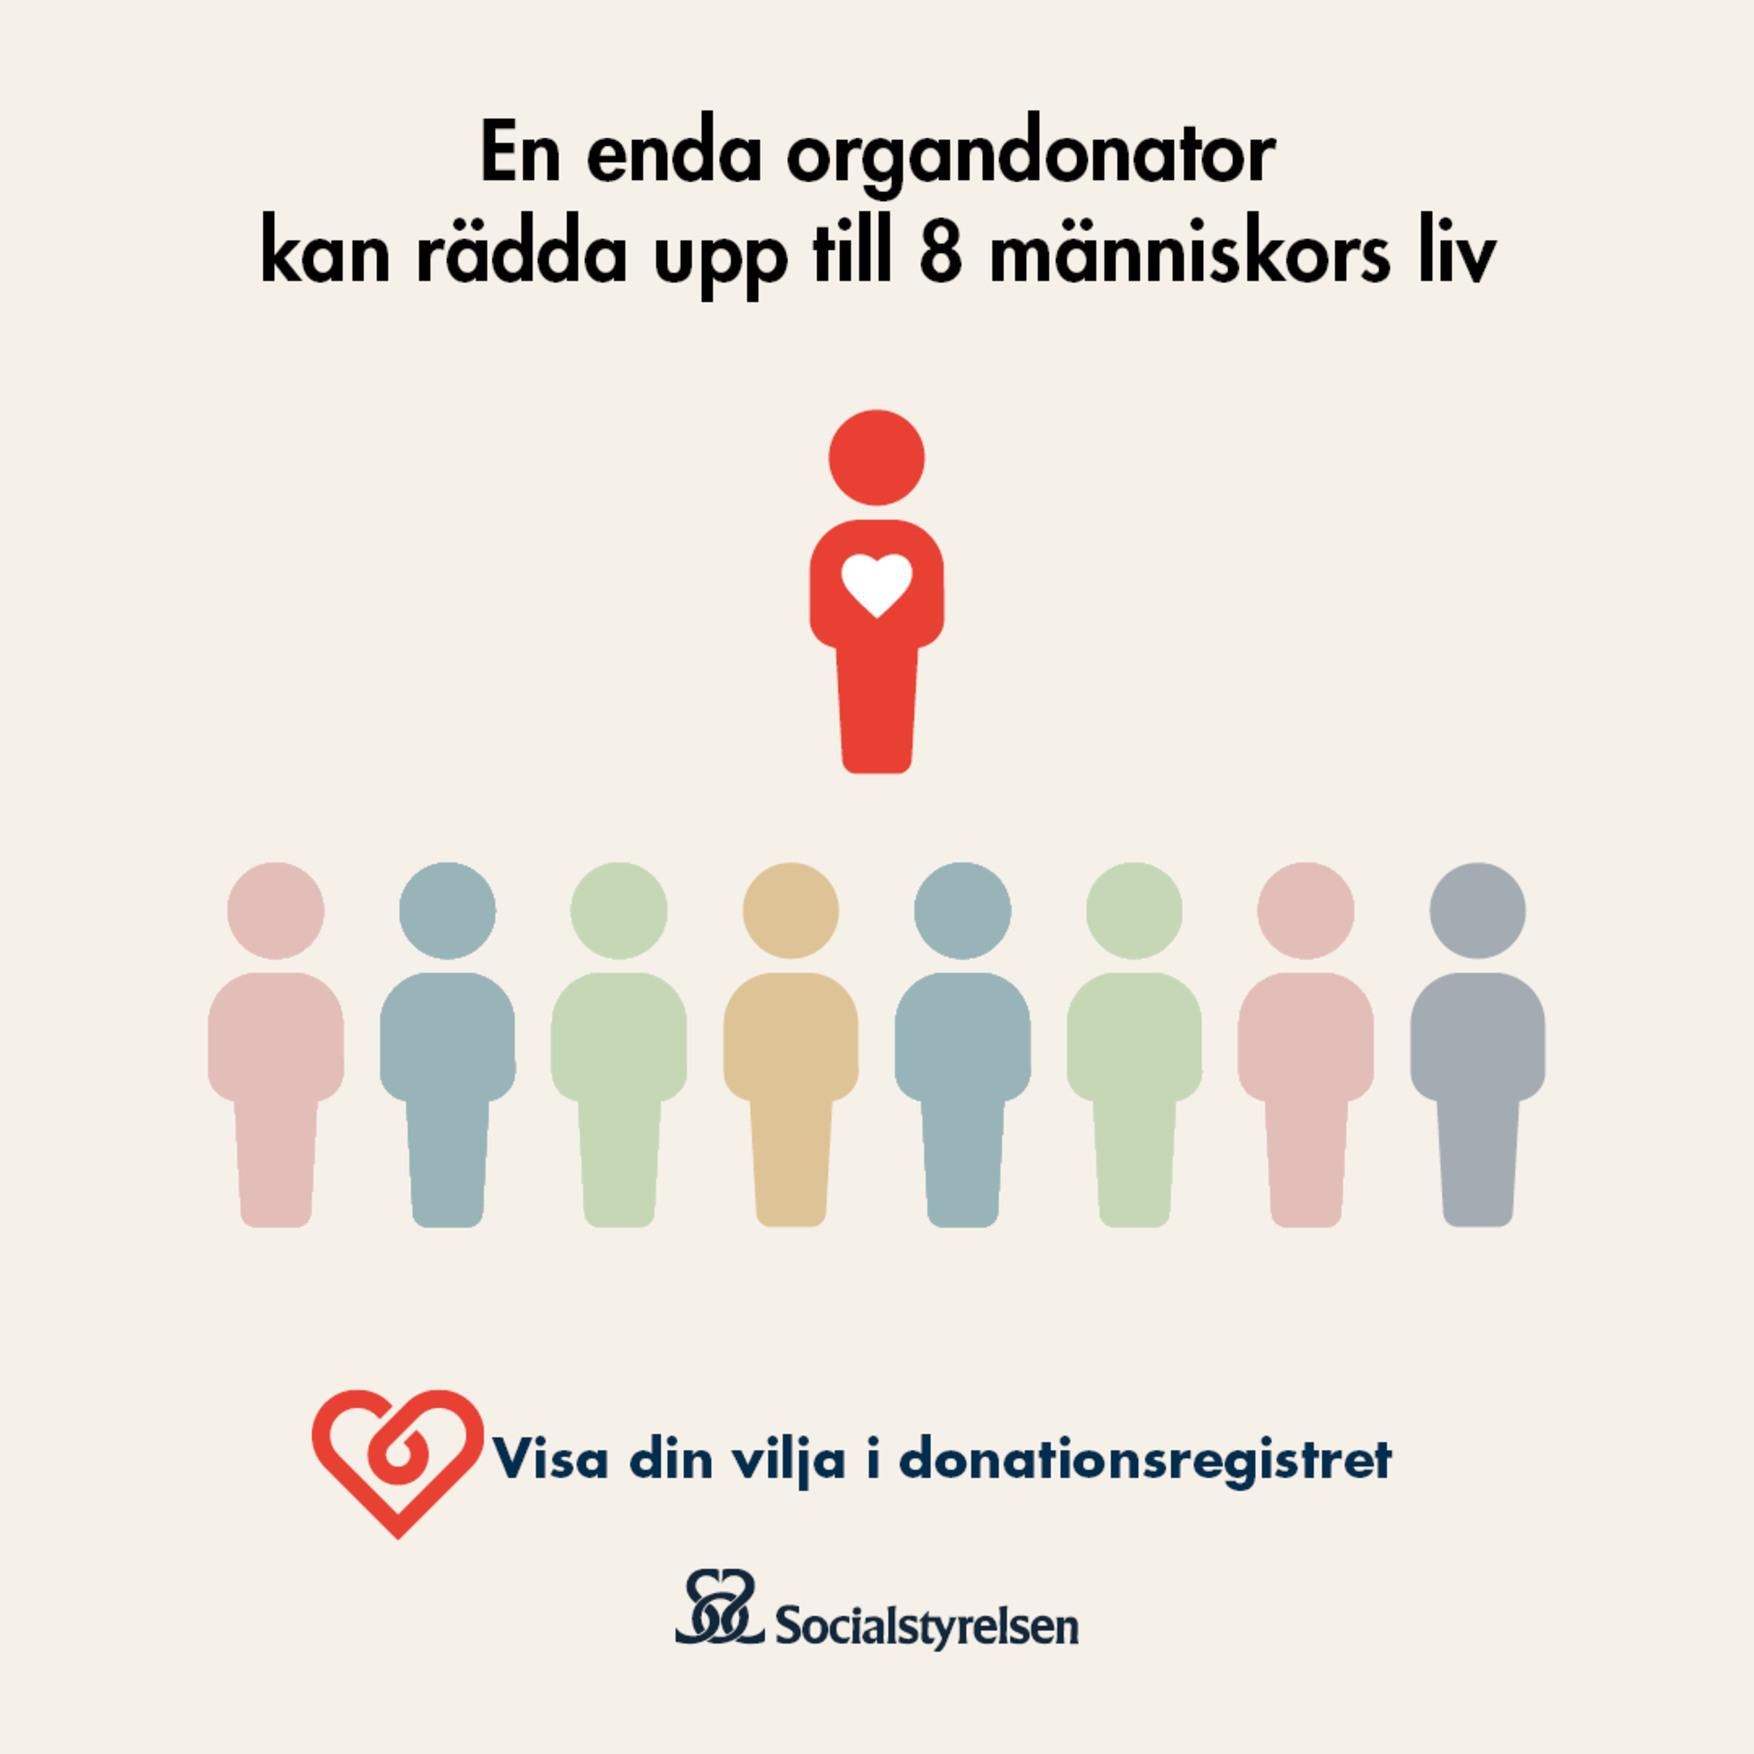 En grafisk person-ikon står framför åtta andra grafiska person-ikoner i olika färger. Nederst Socialstyrelsens logga. Text: En enda organdonator kan rädda upp till 8 människors liv. Visa din vilja i donationsregistret.